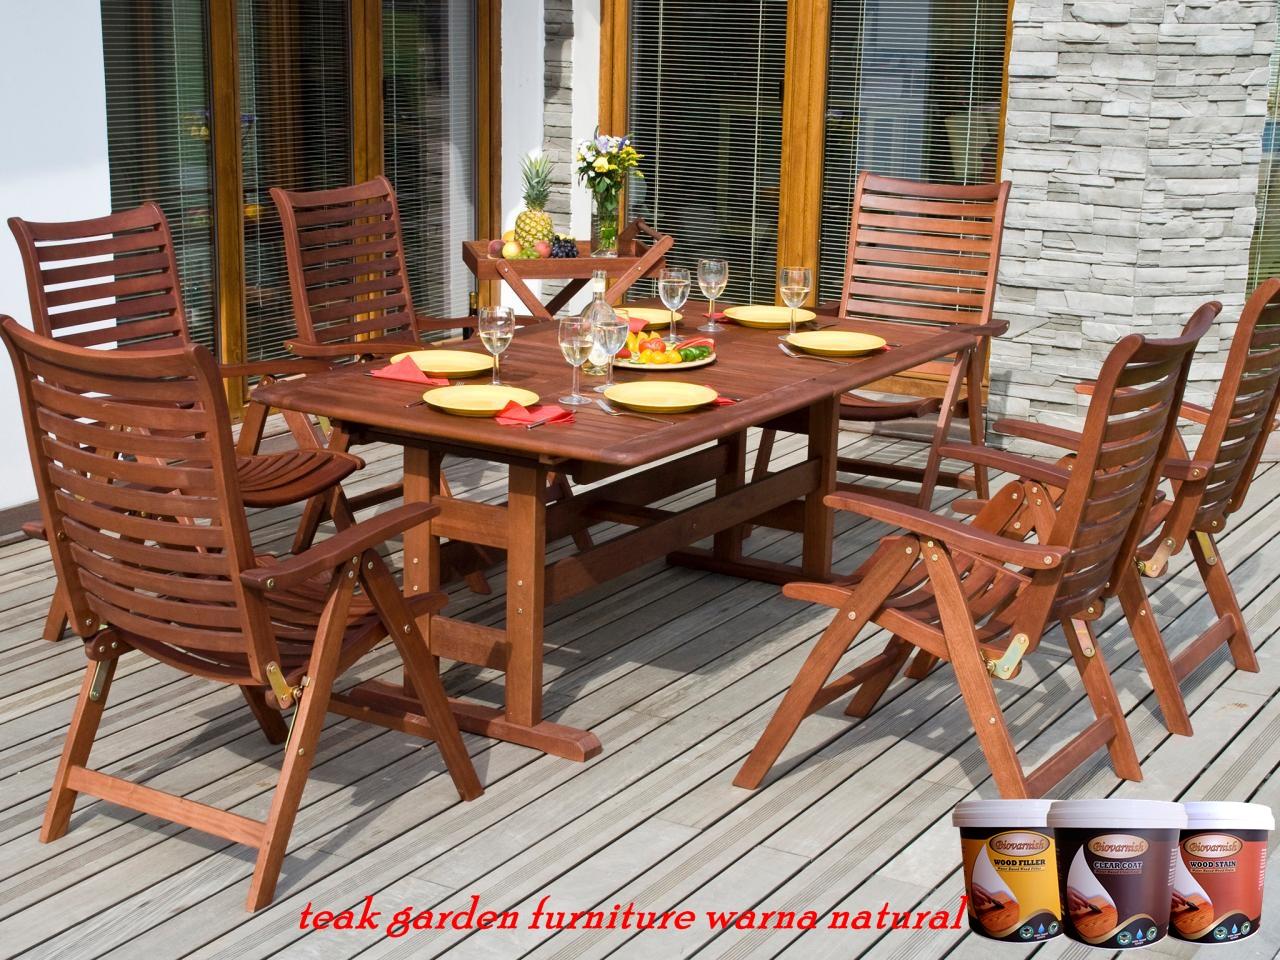 teak garden furniture warna natural transparan